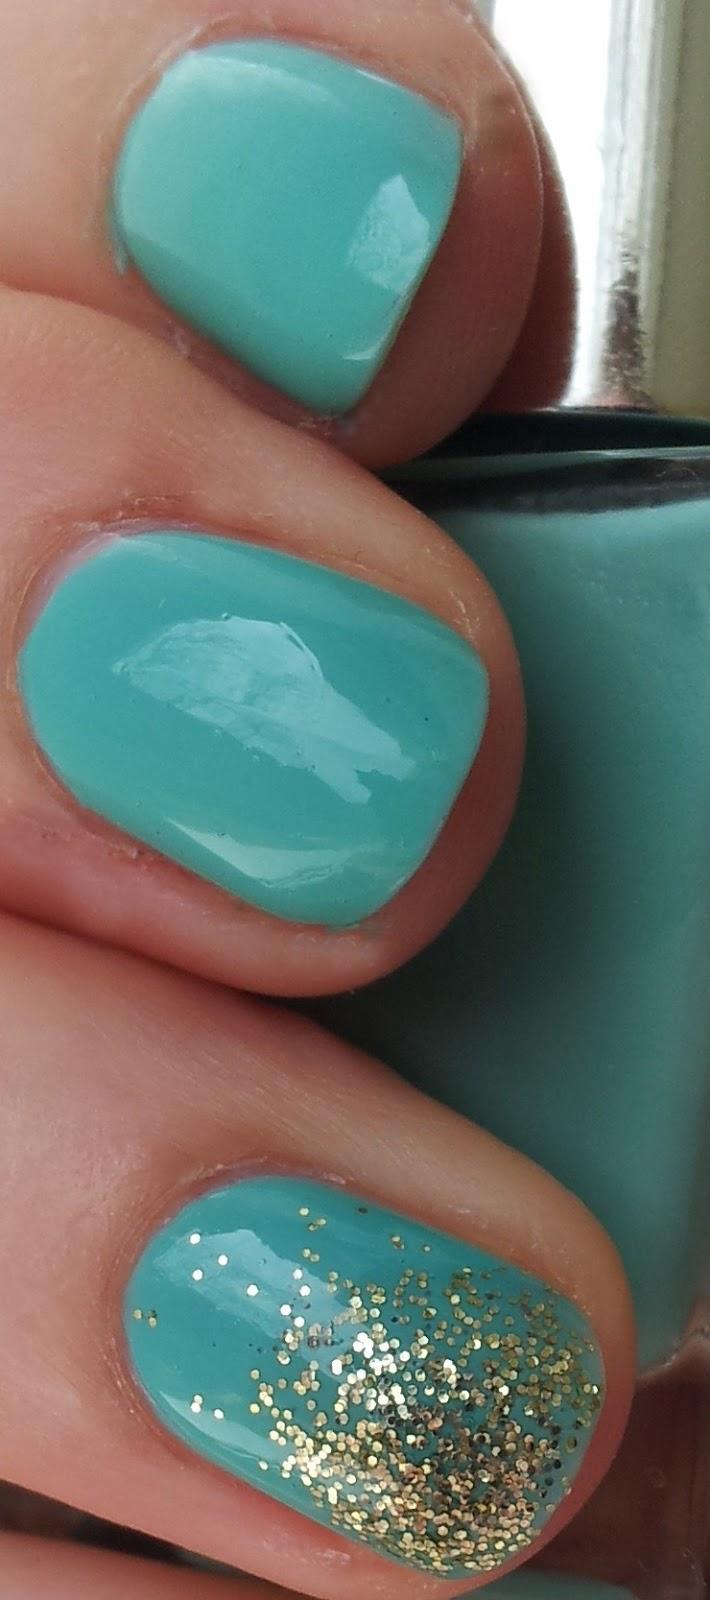 p2 Volume gloss nail polish 130 fresh sister